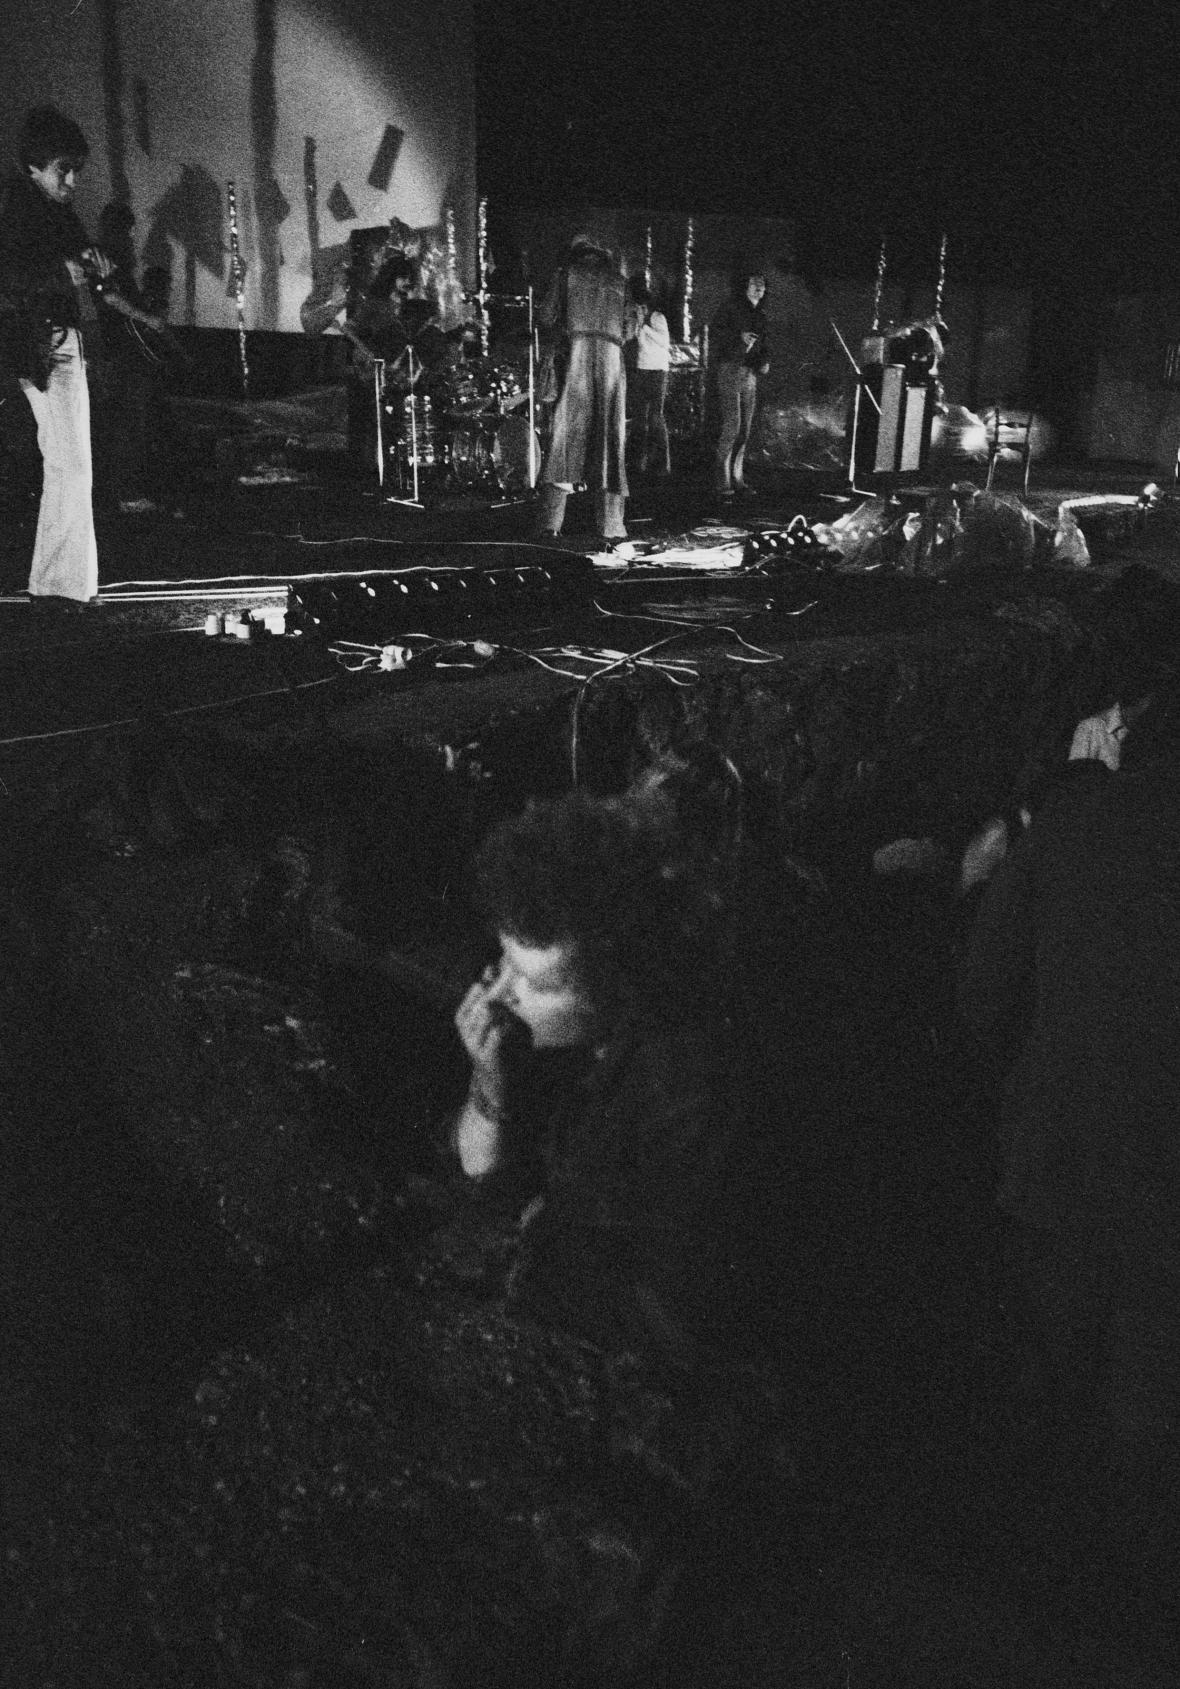 Diváci večer na festivalu (Pezinok 1976)